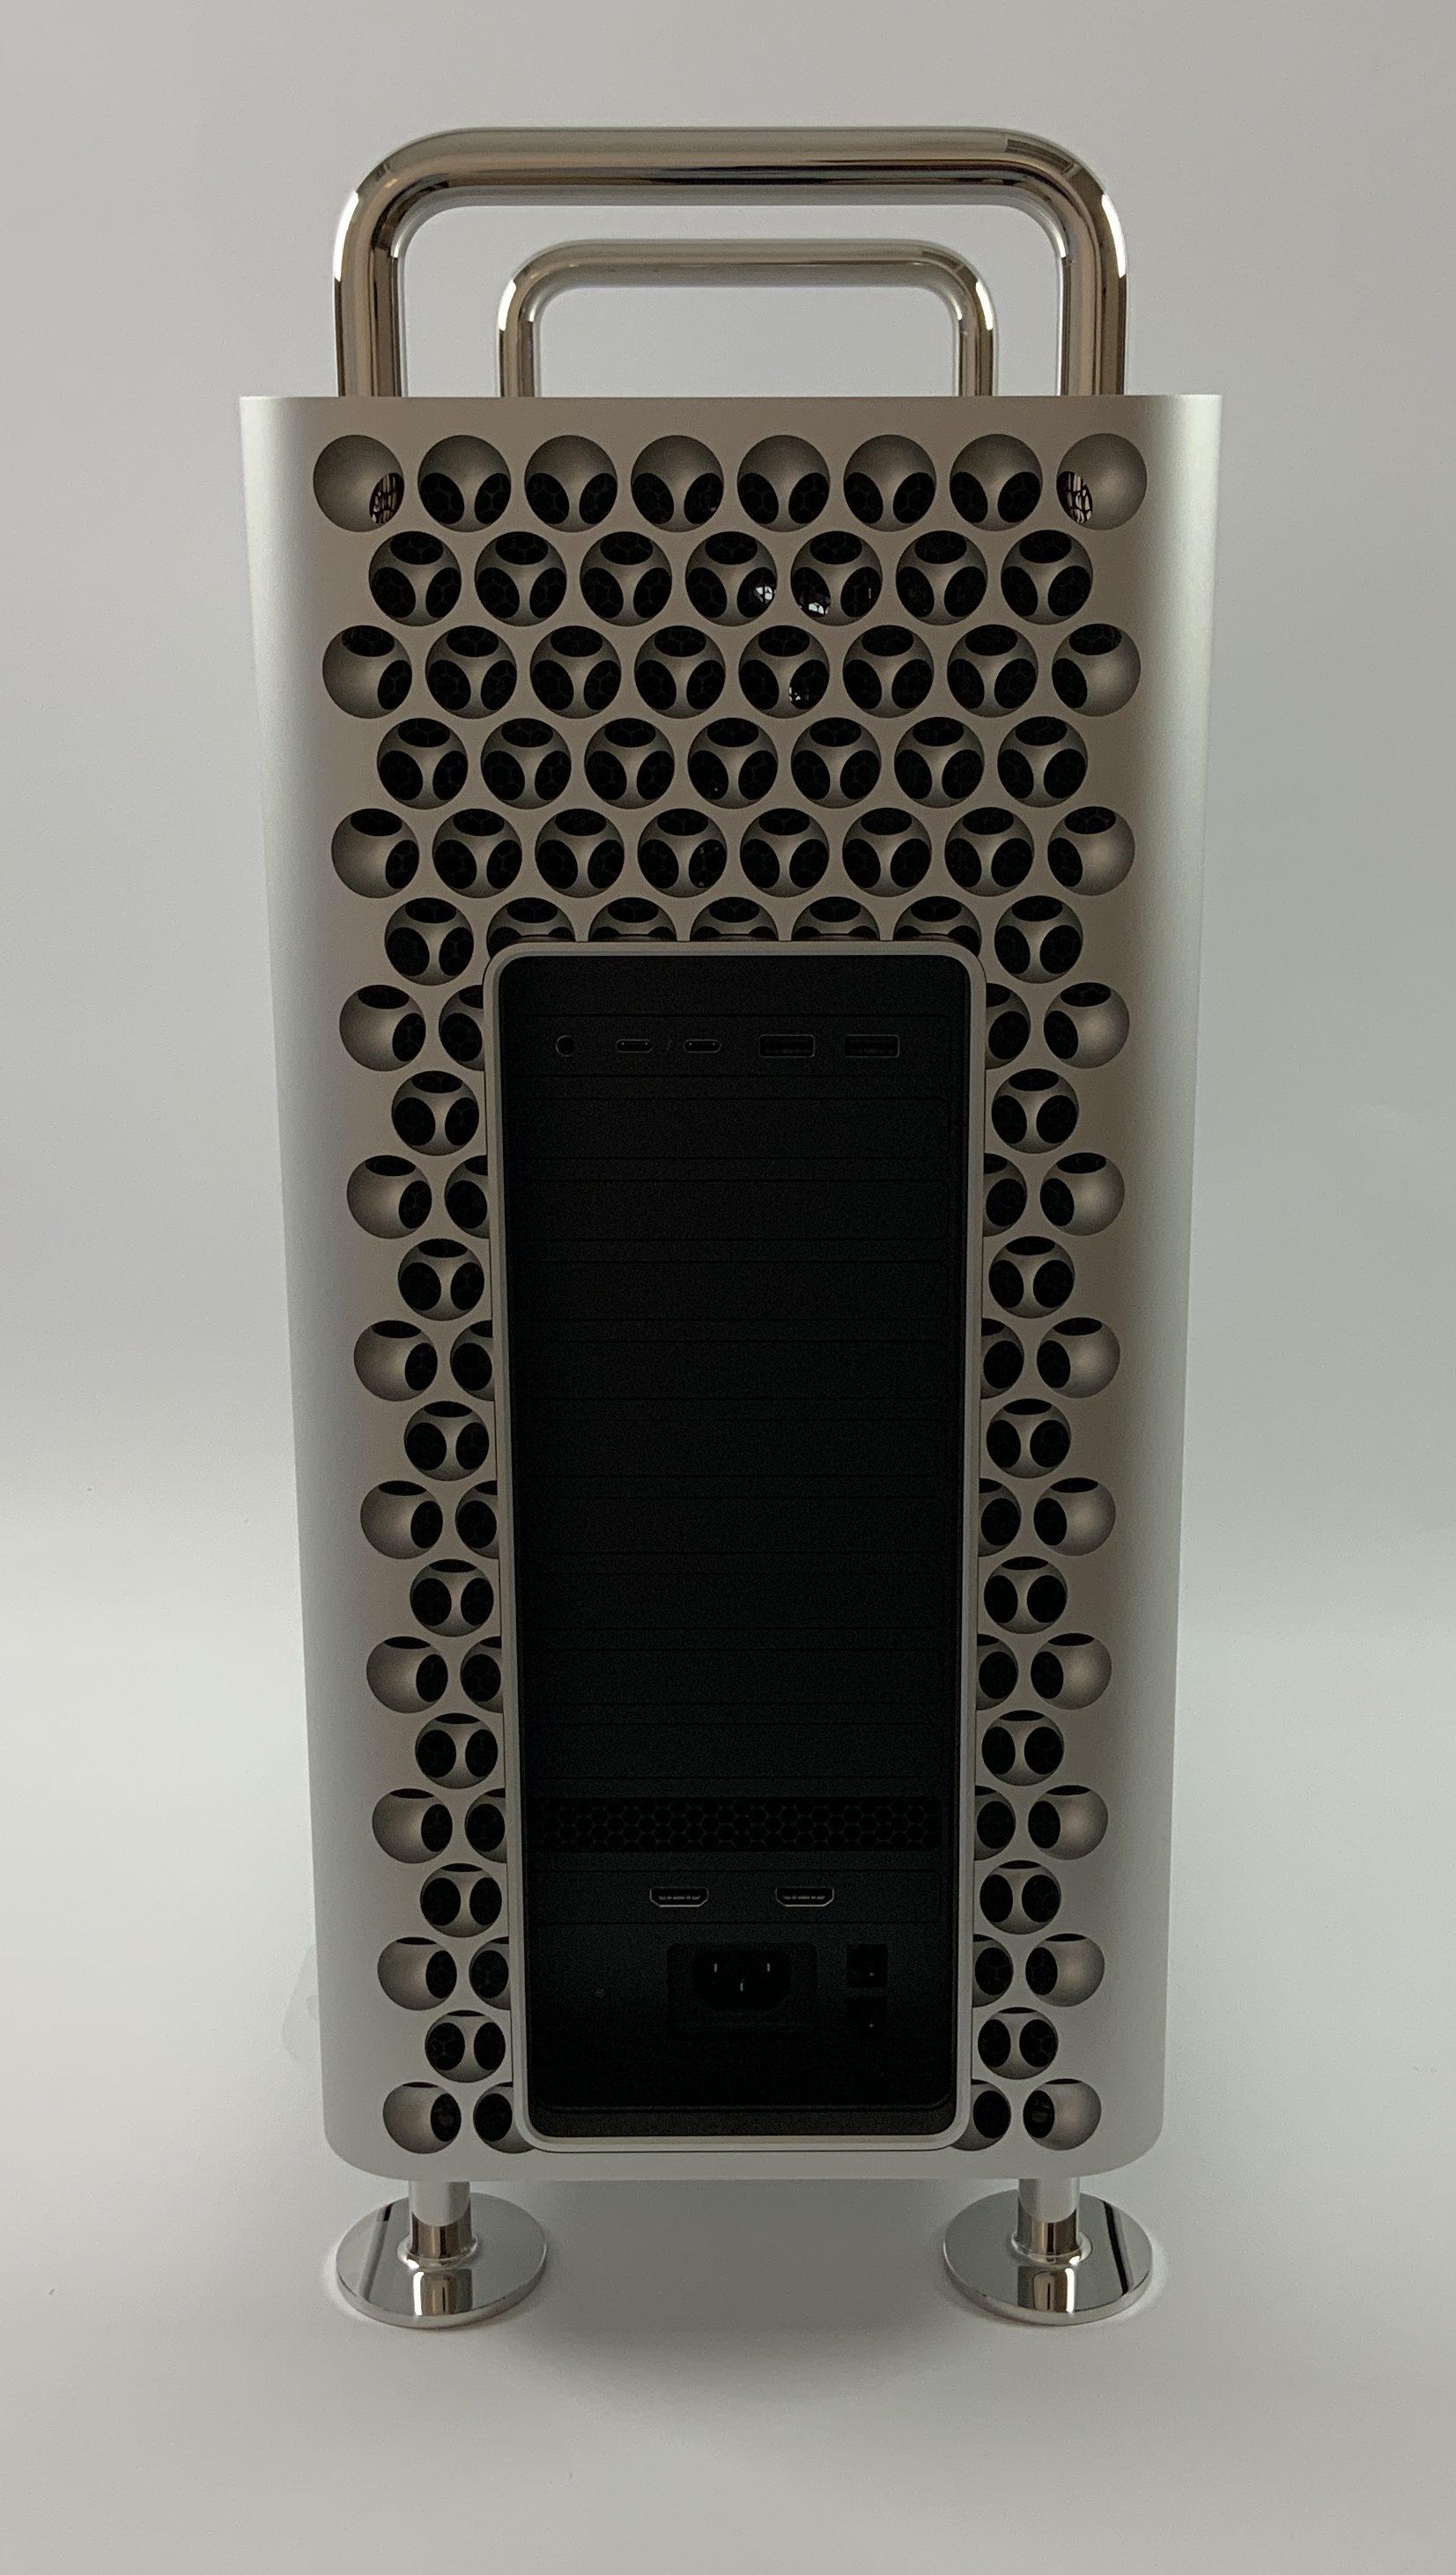 Mac Pro Late 2019 (Intel 8-Core Xeon W 3.5 GHz 48 GB RAM 4 TB SSD), Intel 8-Core Xeon W 3.5 GHz, 48 GB RAM, 4 TB SSD, Kuva 2